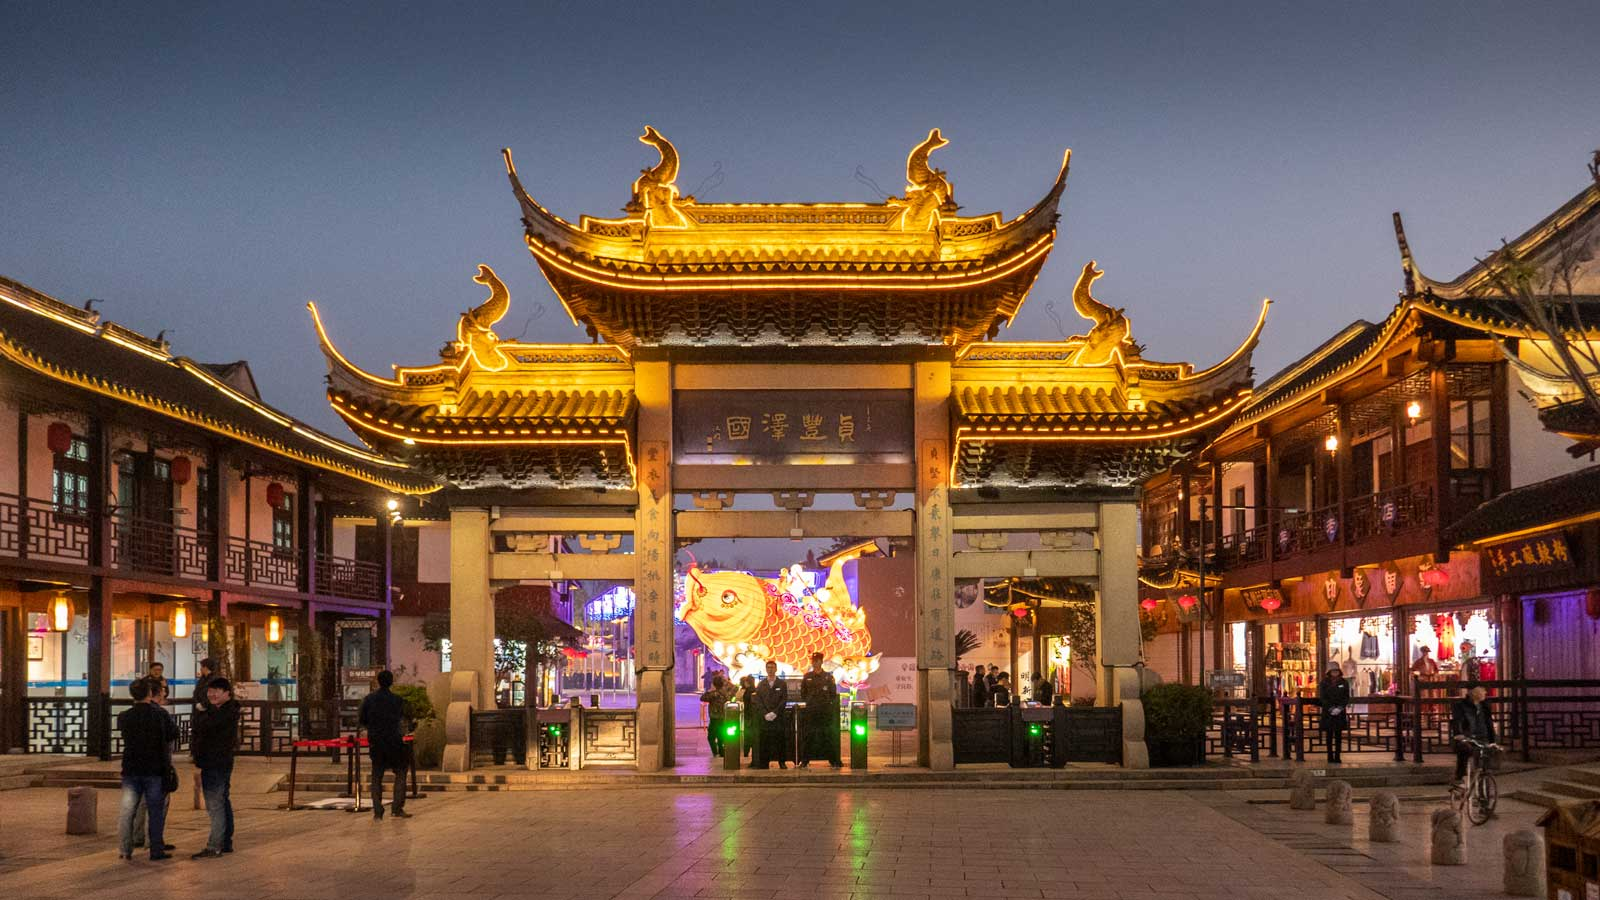 Zhouzhuang promenade